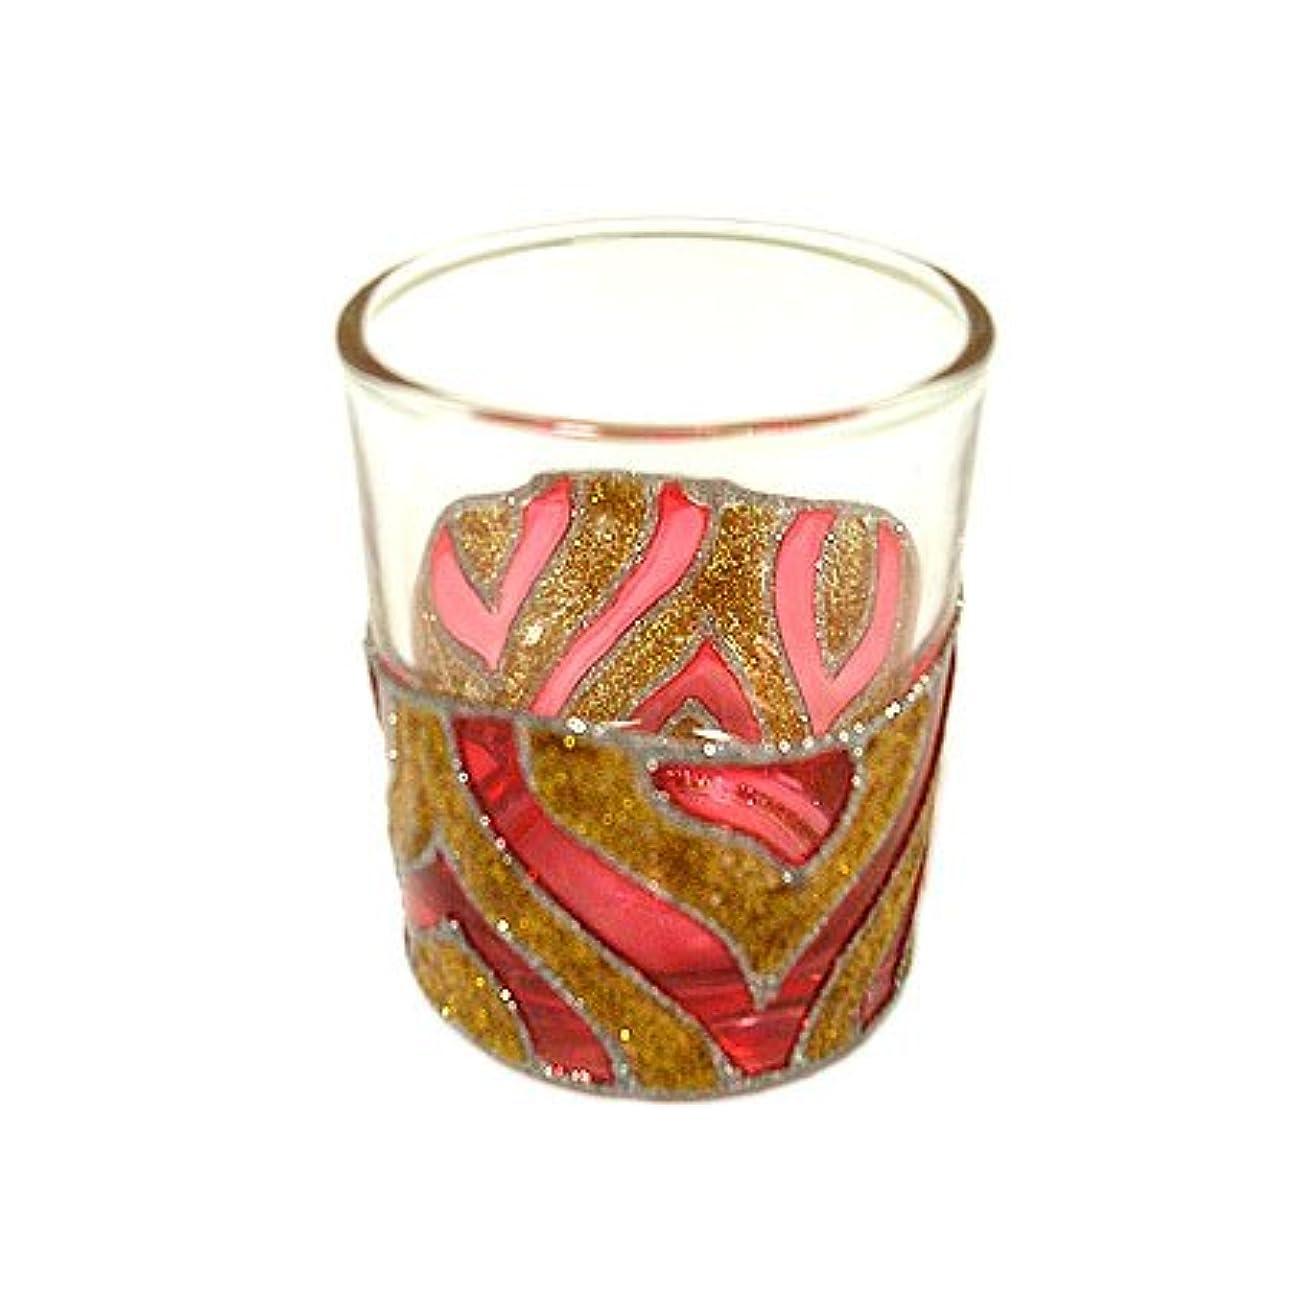 砂漠スペル曲線アジアン キャンドルホルダー カップ グラス 花柄 ゴールドレッド アジアン雑貨